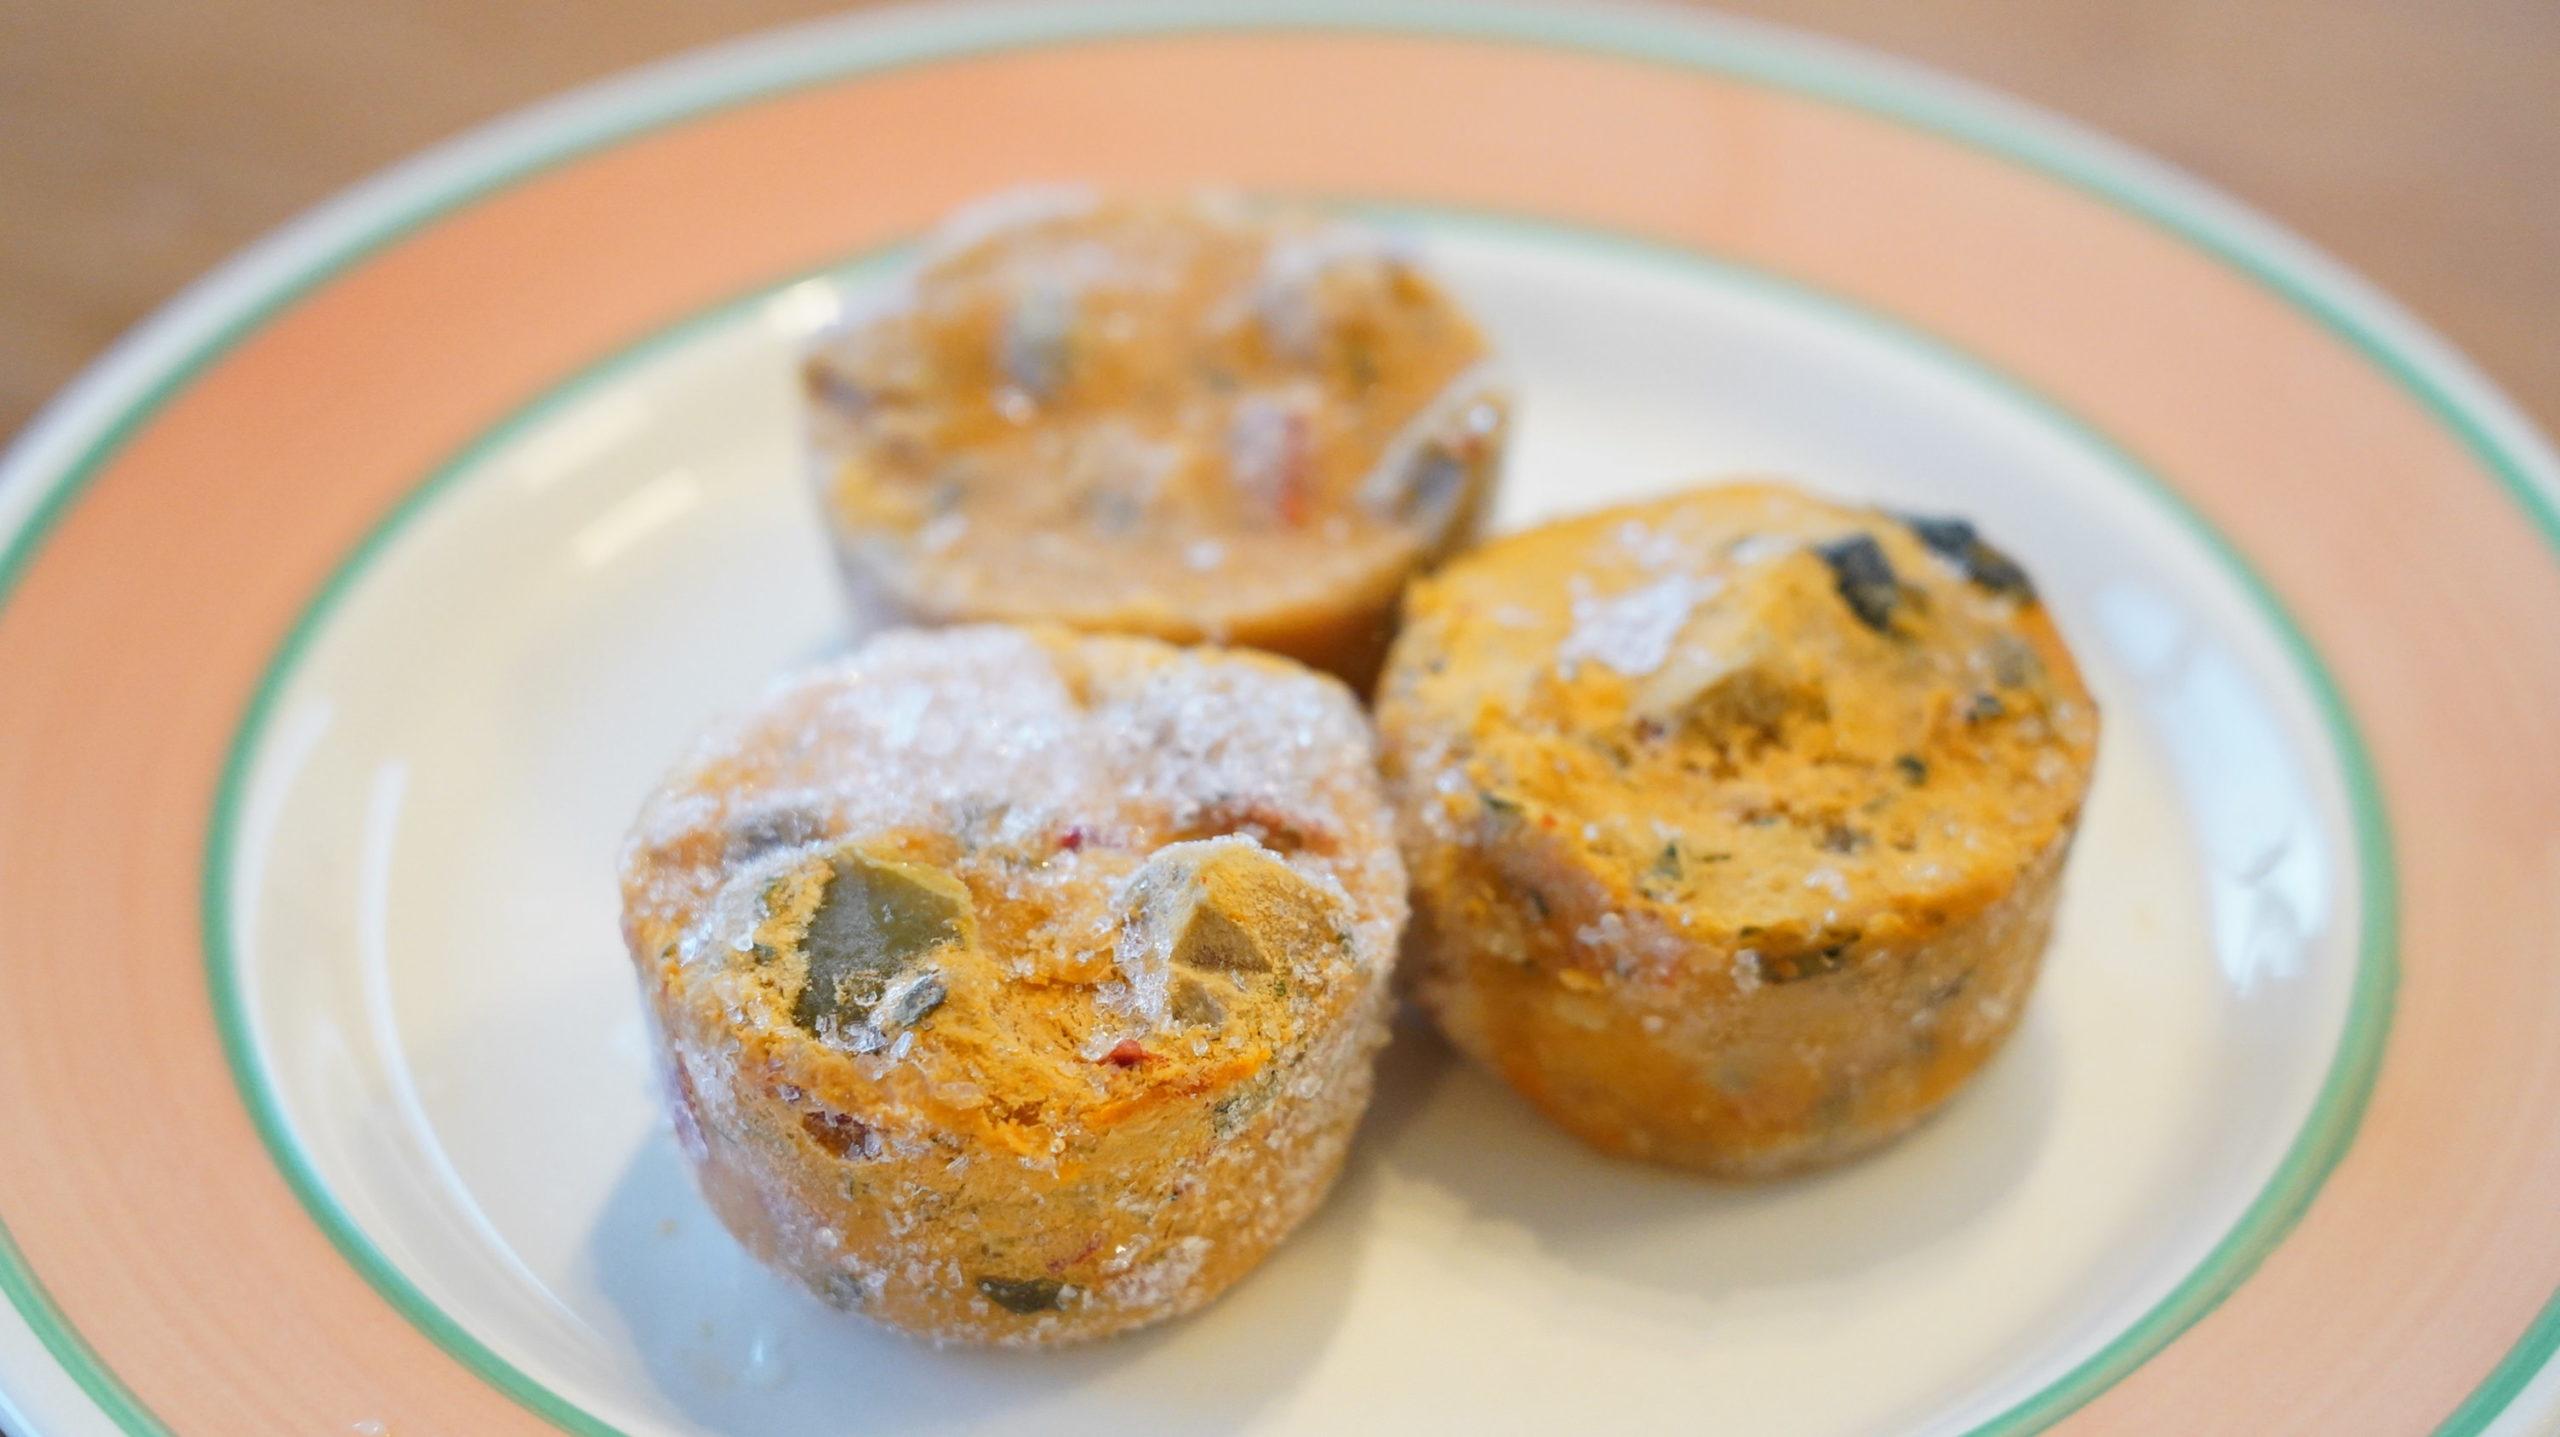 ピカールのおすすめ冷凍食品「プロバンス風野菜の煮込み」のポーション型の写真